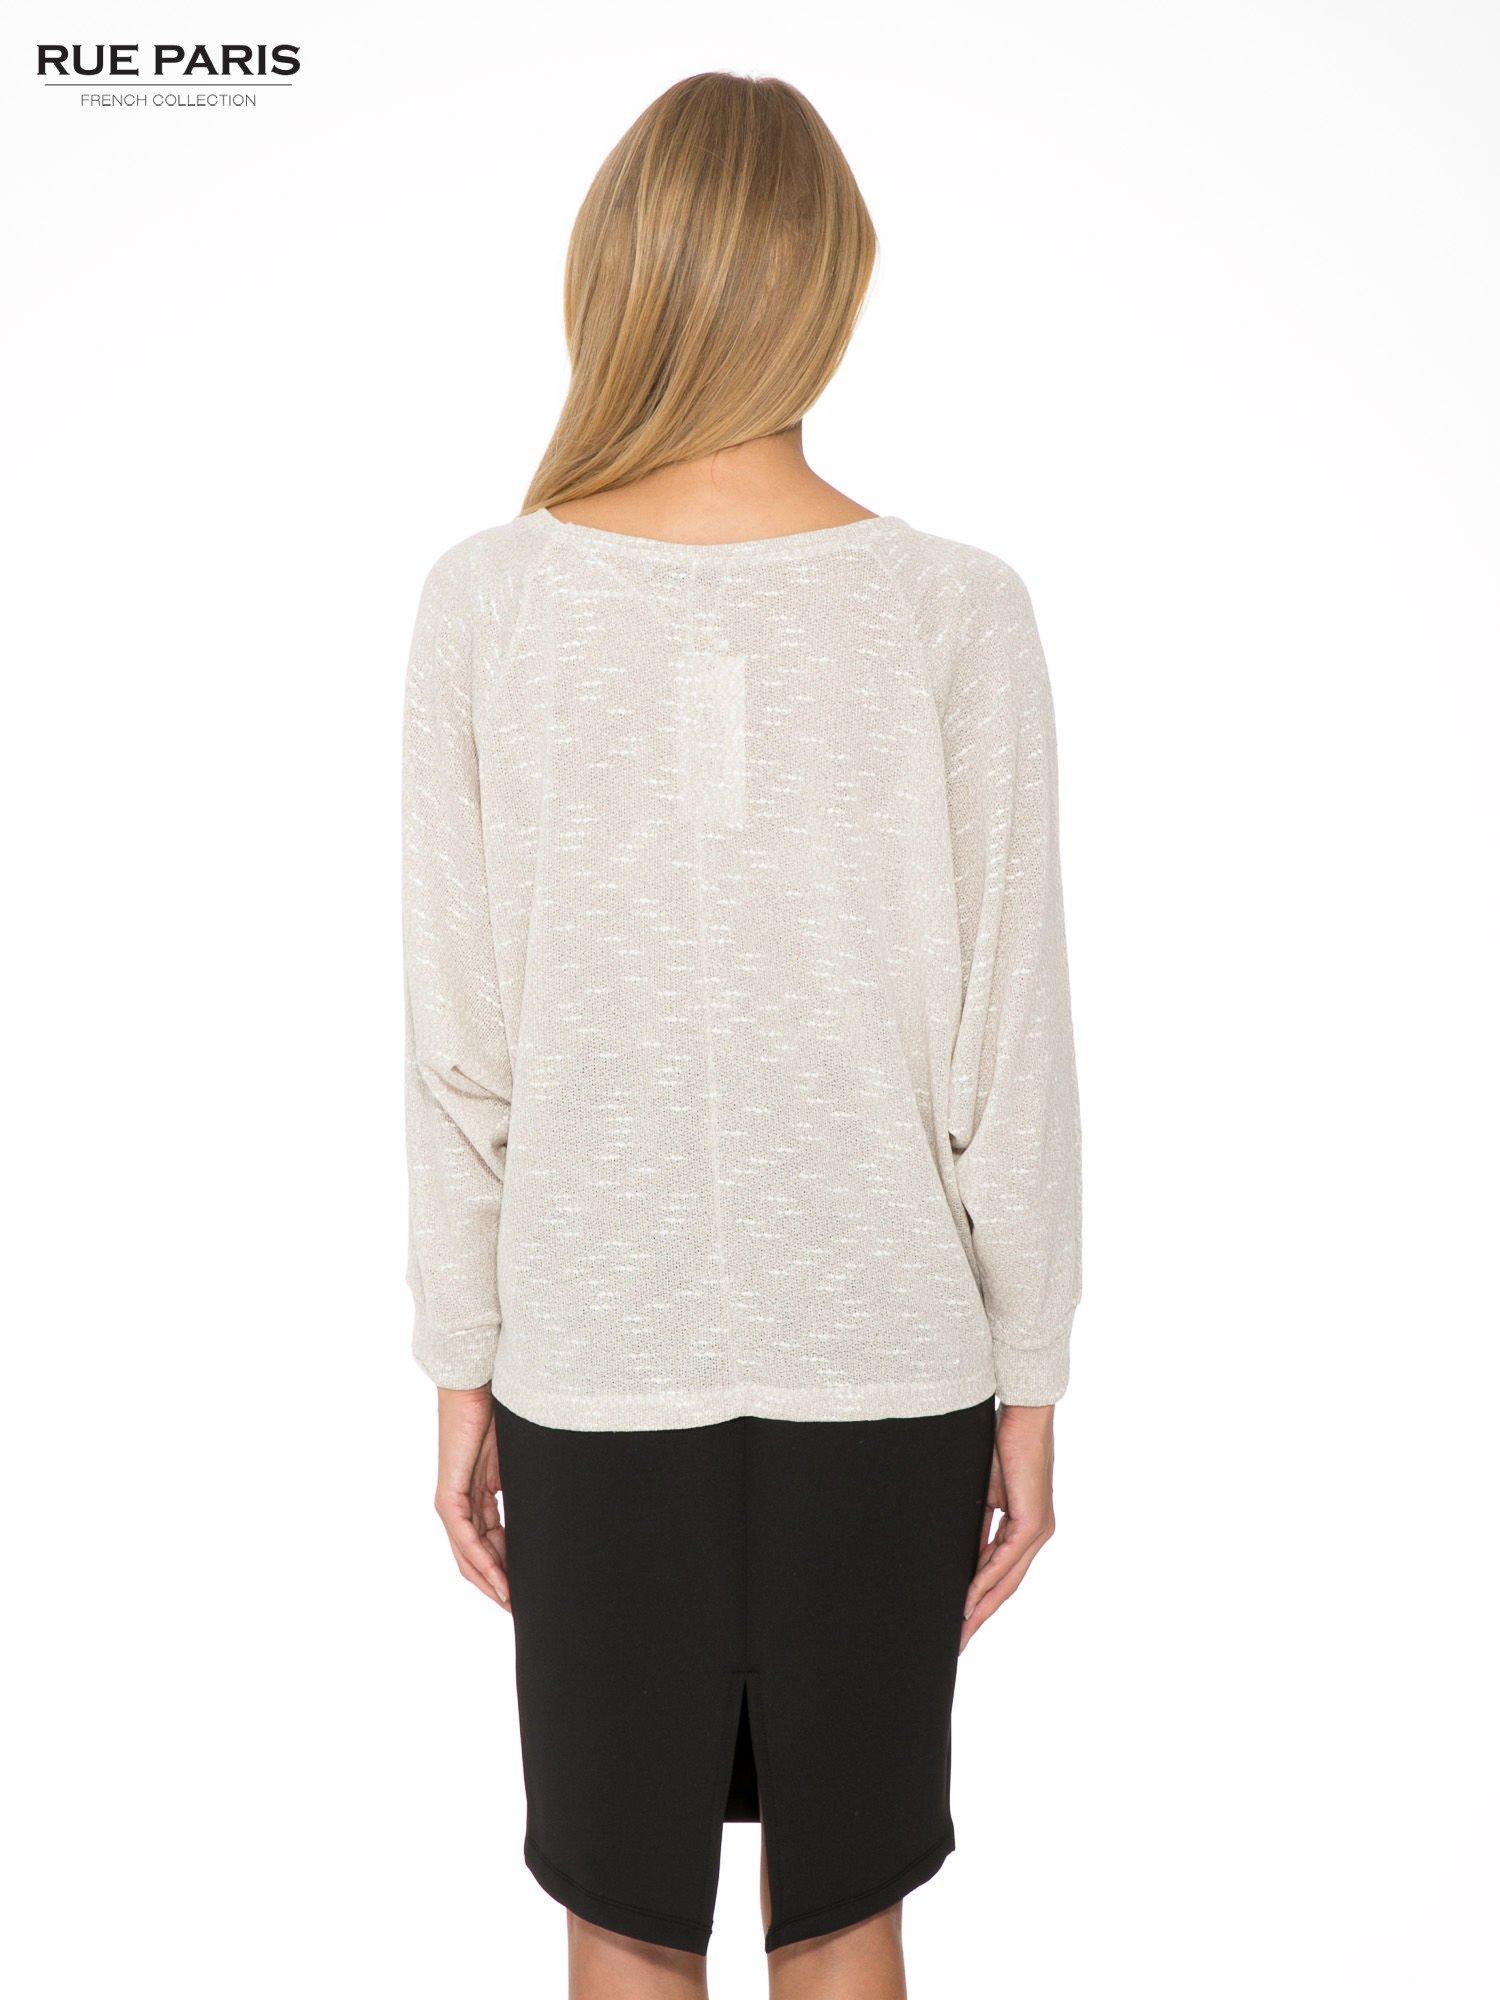 Beżowa bluzka oversize z nietoperzowymi rękawami                                  zdj.                                  4